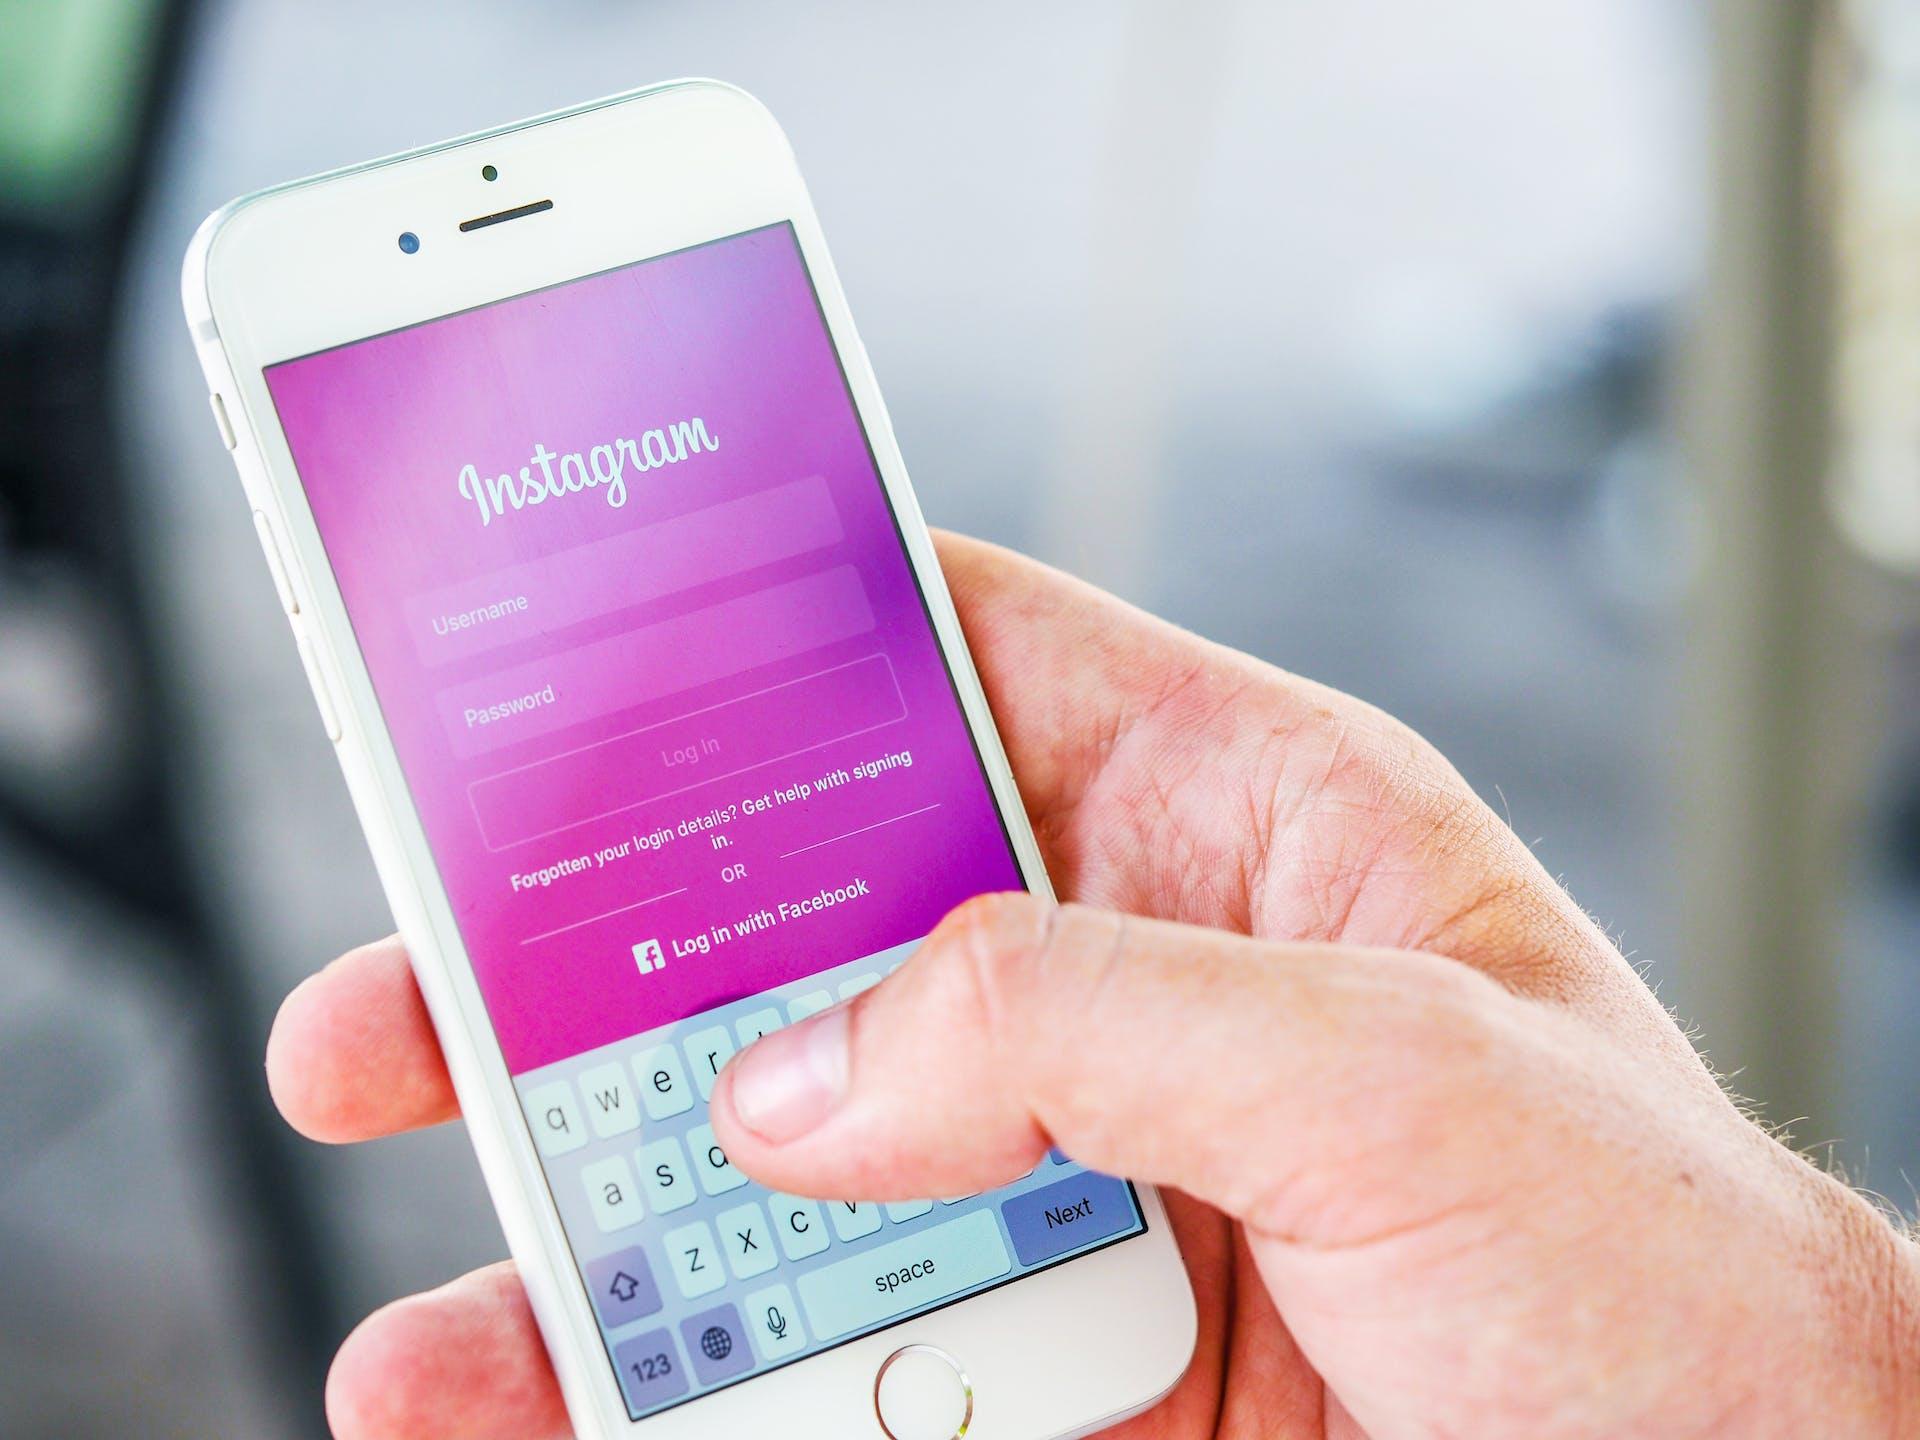 ¿Qué puede hacer Instagram por tu mercadeo? Mira sus ventajas y desventajas